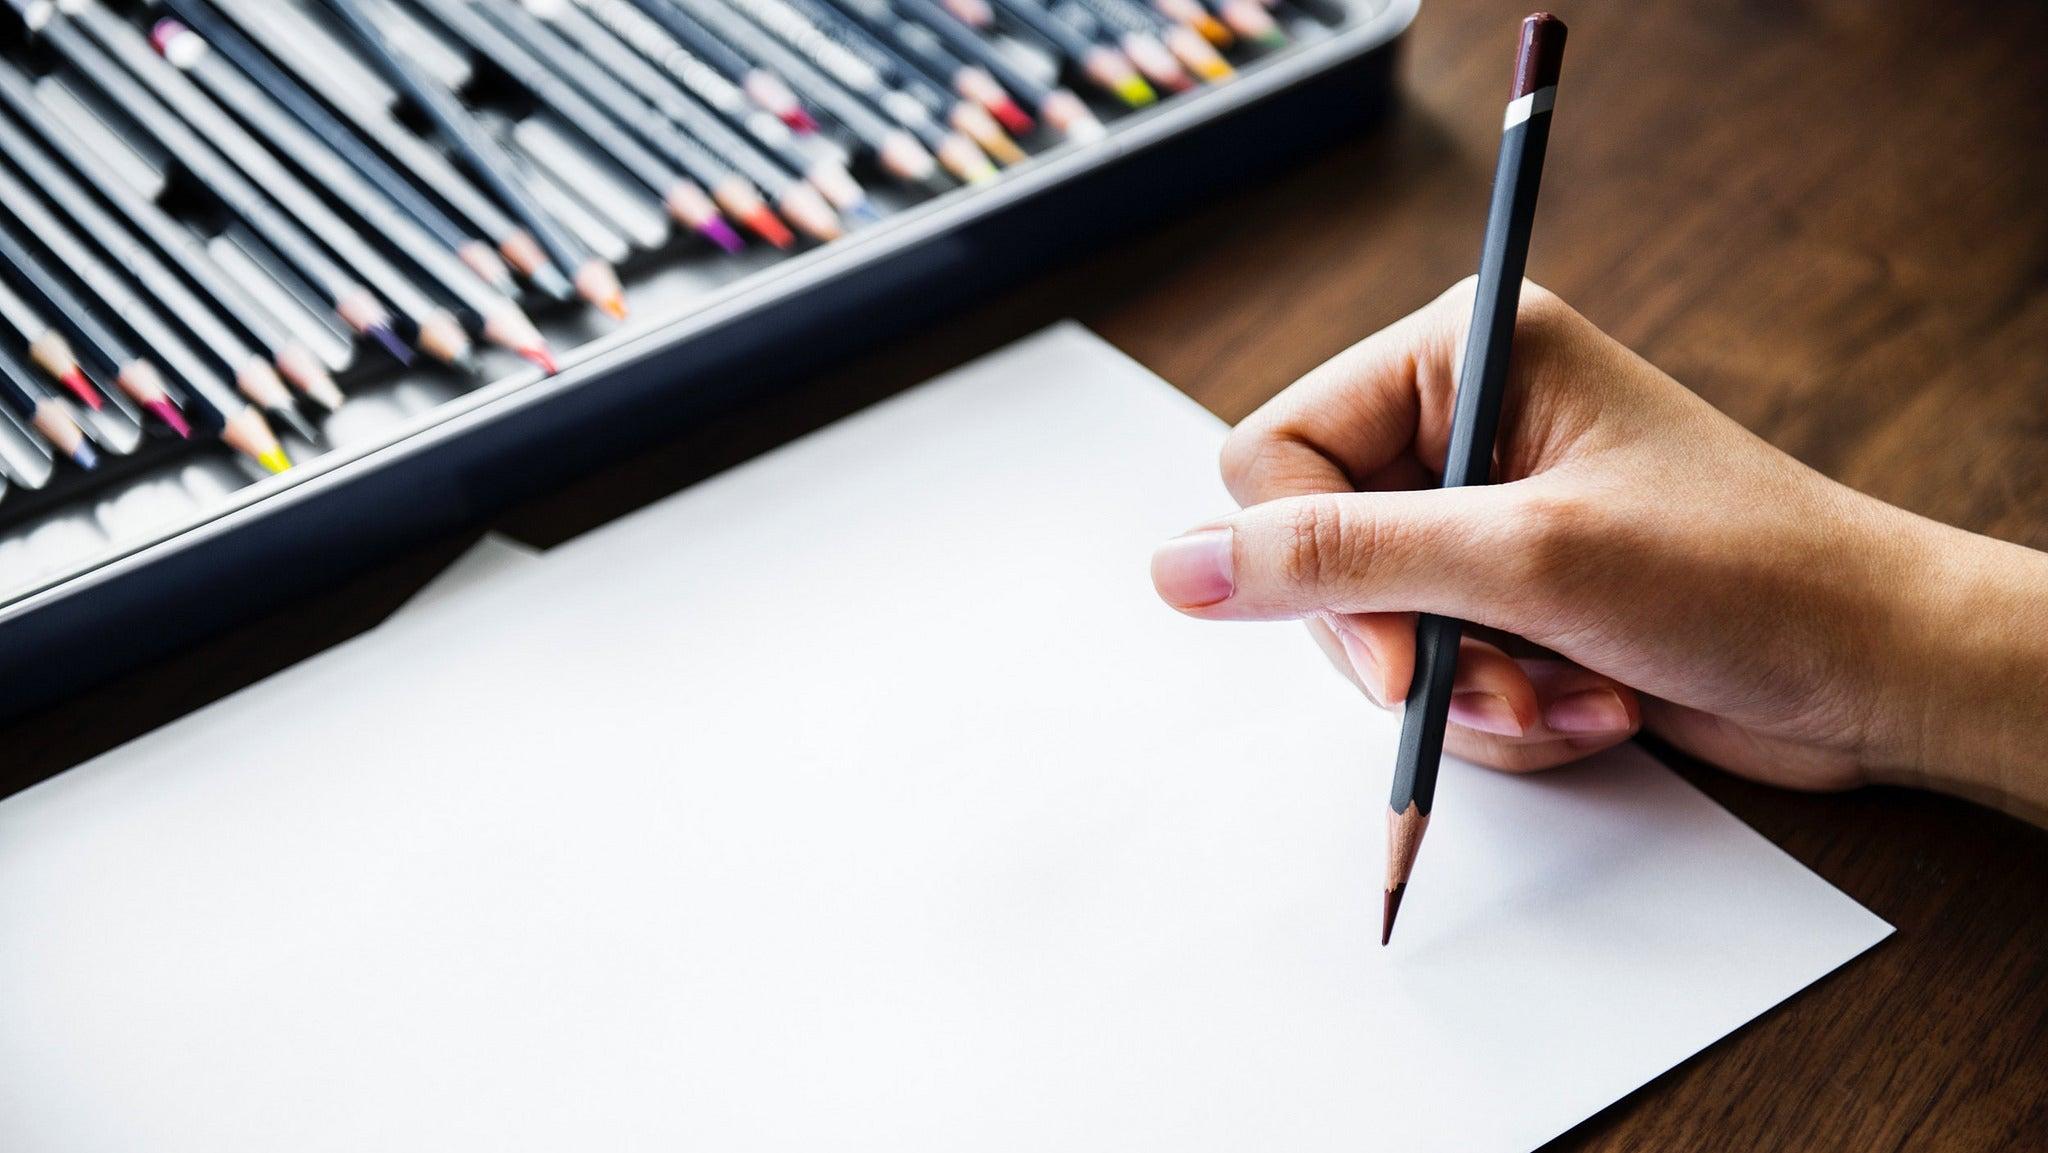 How To Break Through A Creative Block